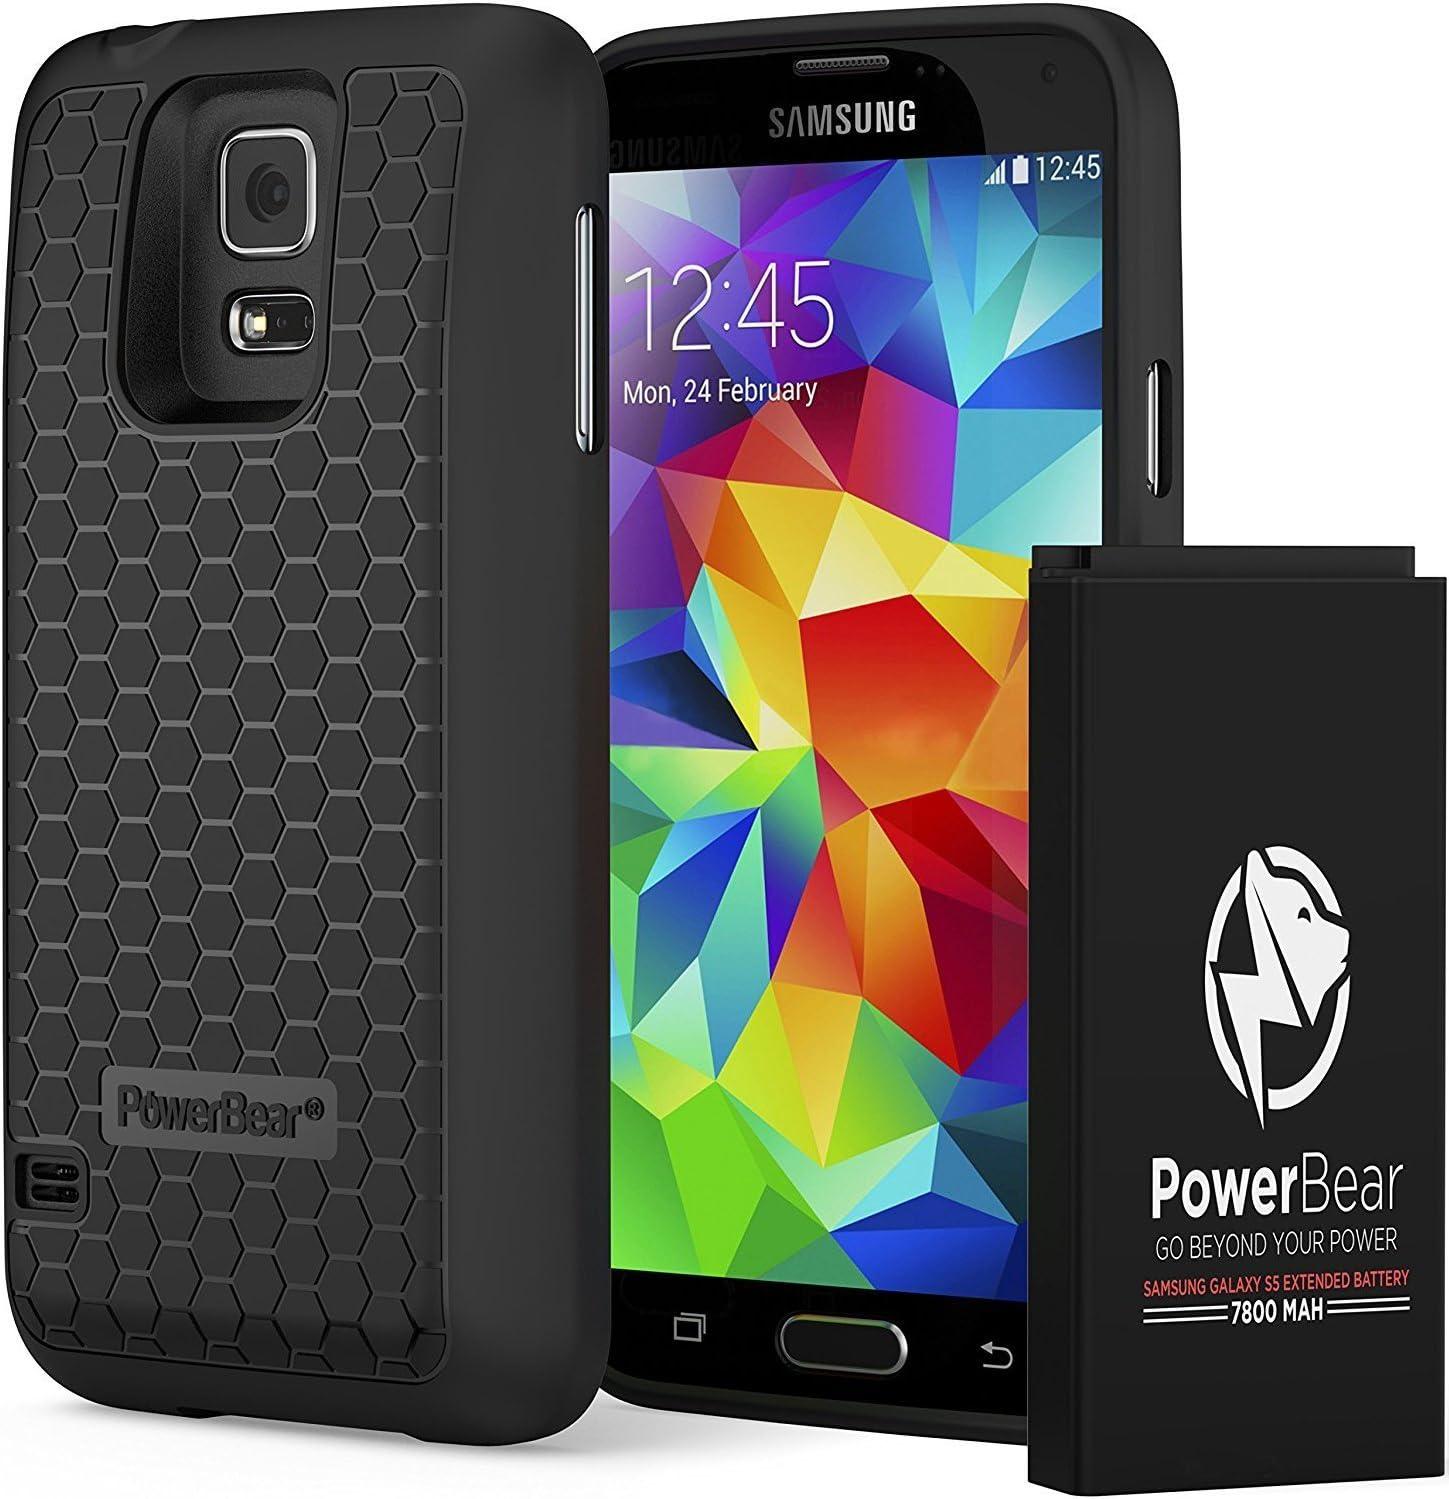 PowerBear Batería Extendida Compatible para Samsung Galaxy S5 [7.800mAh], Cubierta Trasera y Carcasa Protectora (hasta 2,75X de Potencia de Batería Adicional) [24 Meses de Garantía]: Amazon.es: Electrónica